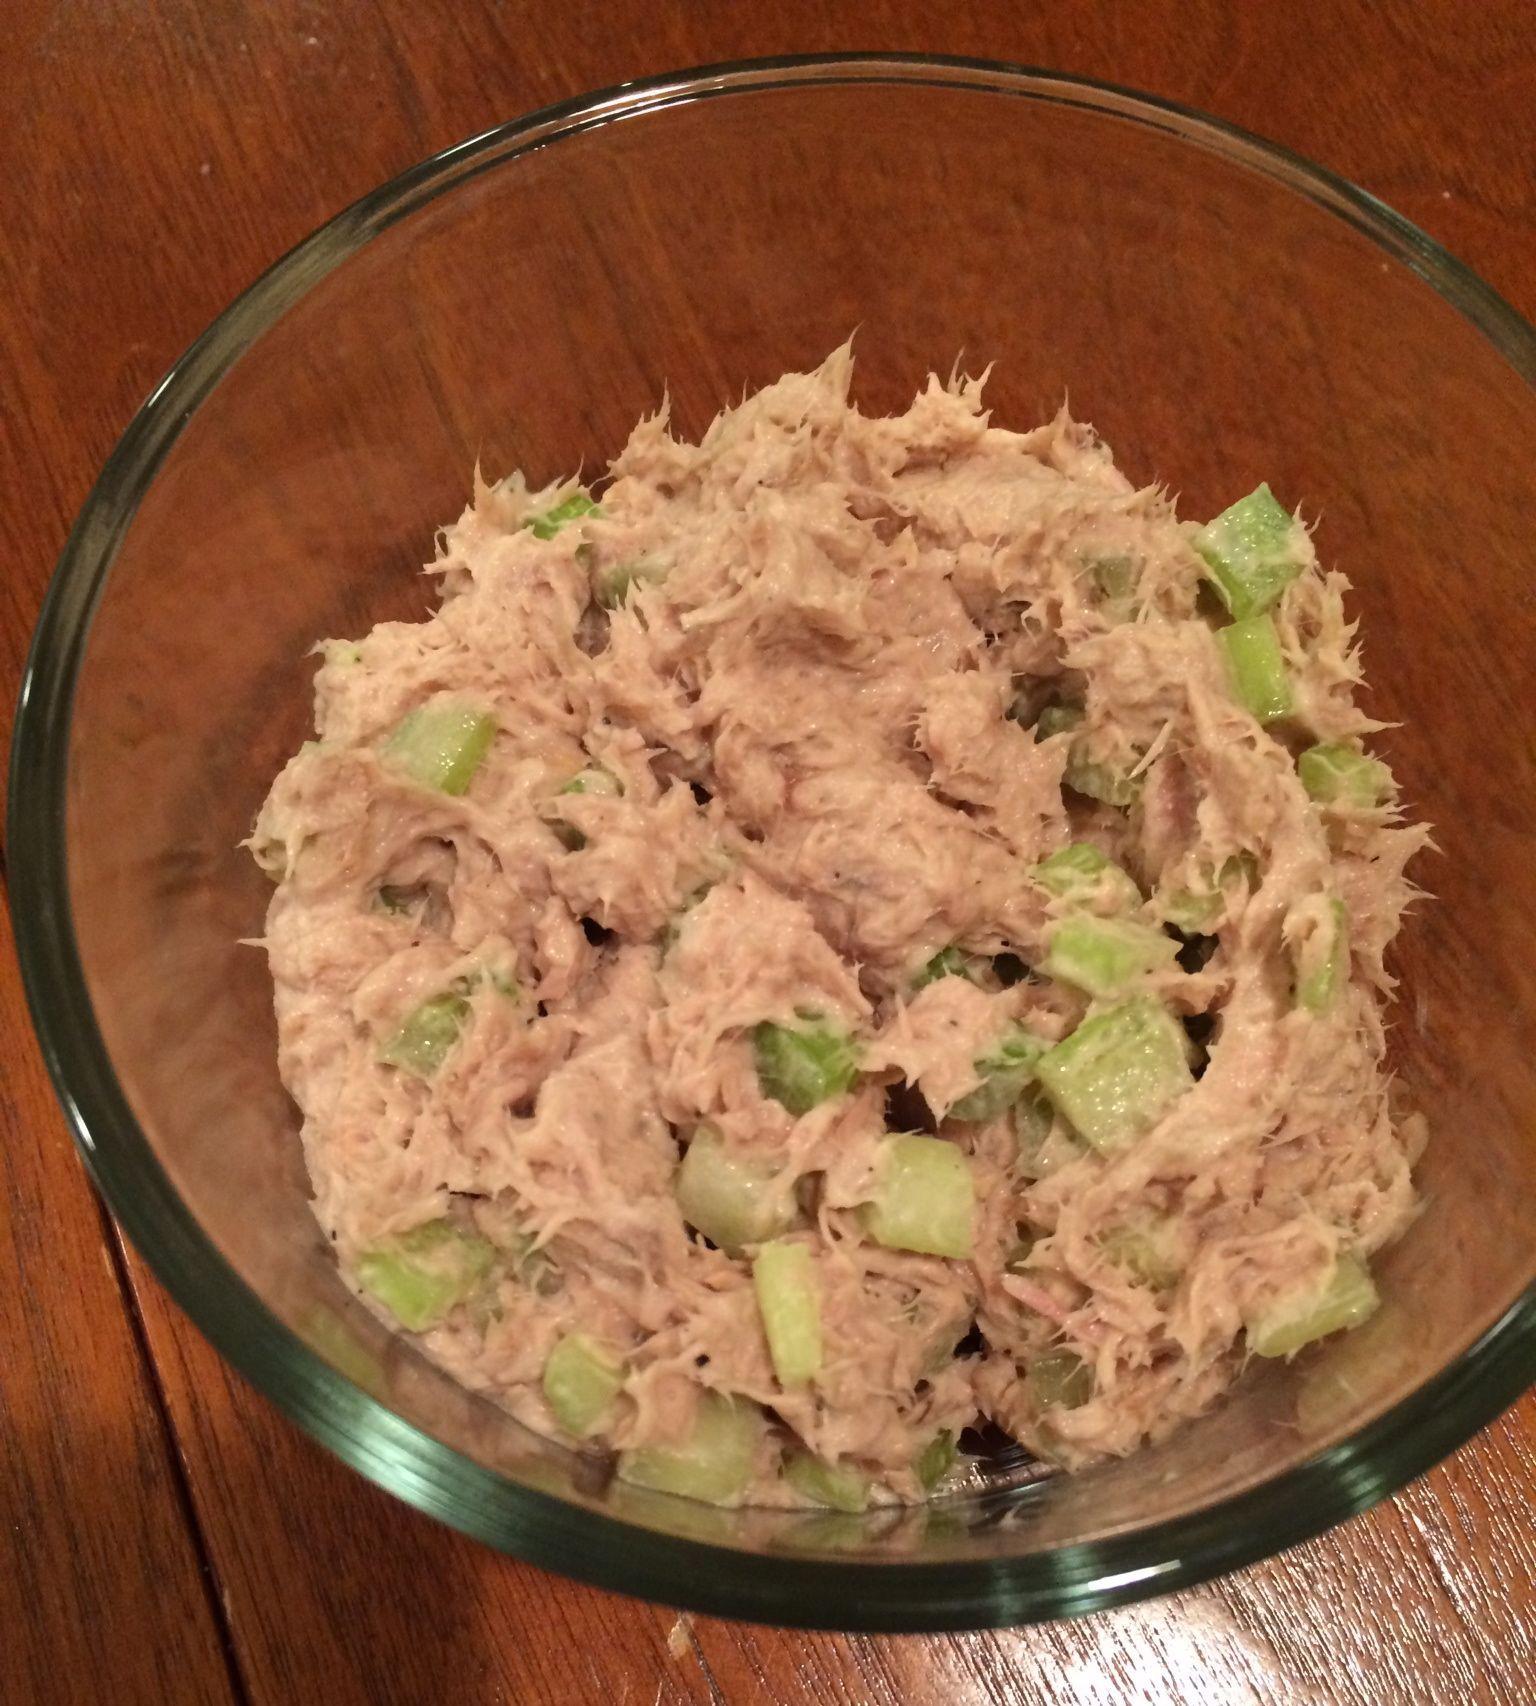 Low Fat Tuna Recipes  Skinny Tuna Salad